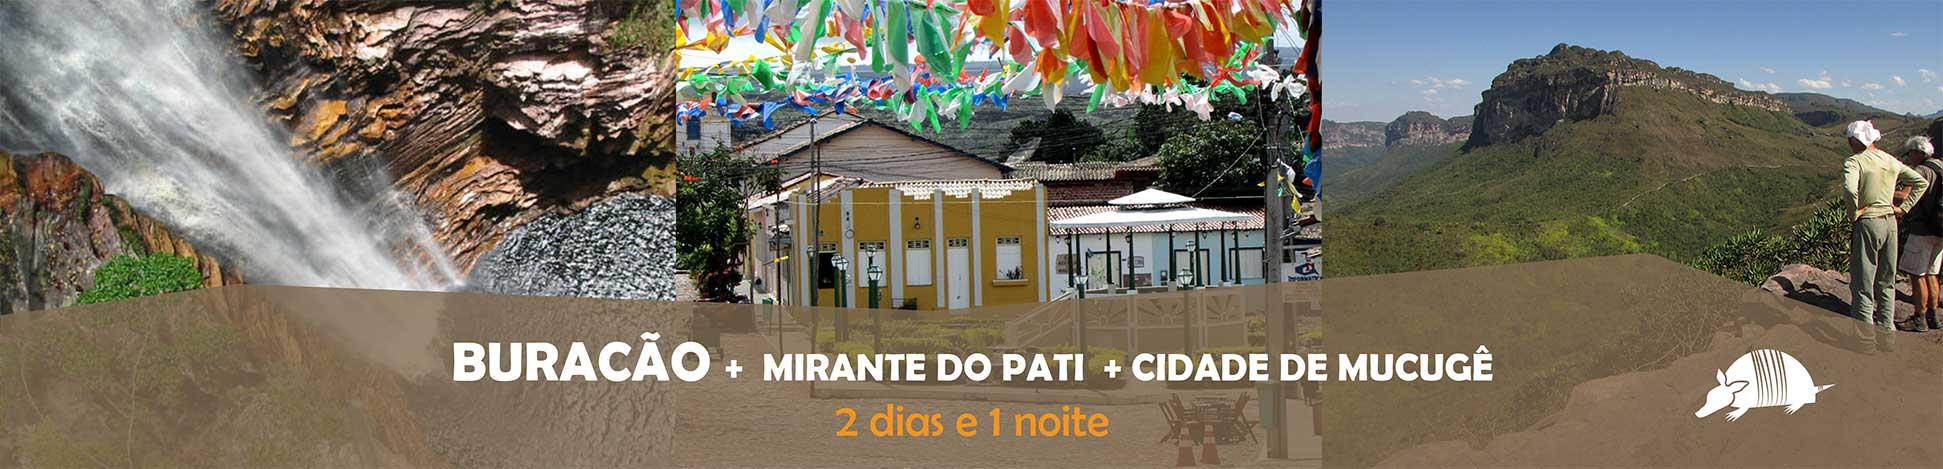 TATU roteiros BURACAO 2 - Cachoeira do Buracão + Mirante do Pati + Mucugê = 2 dias e 1 noite